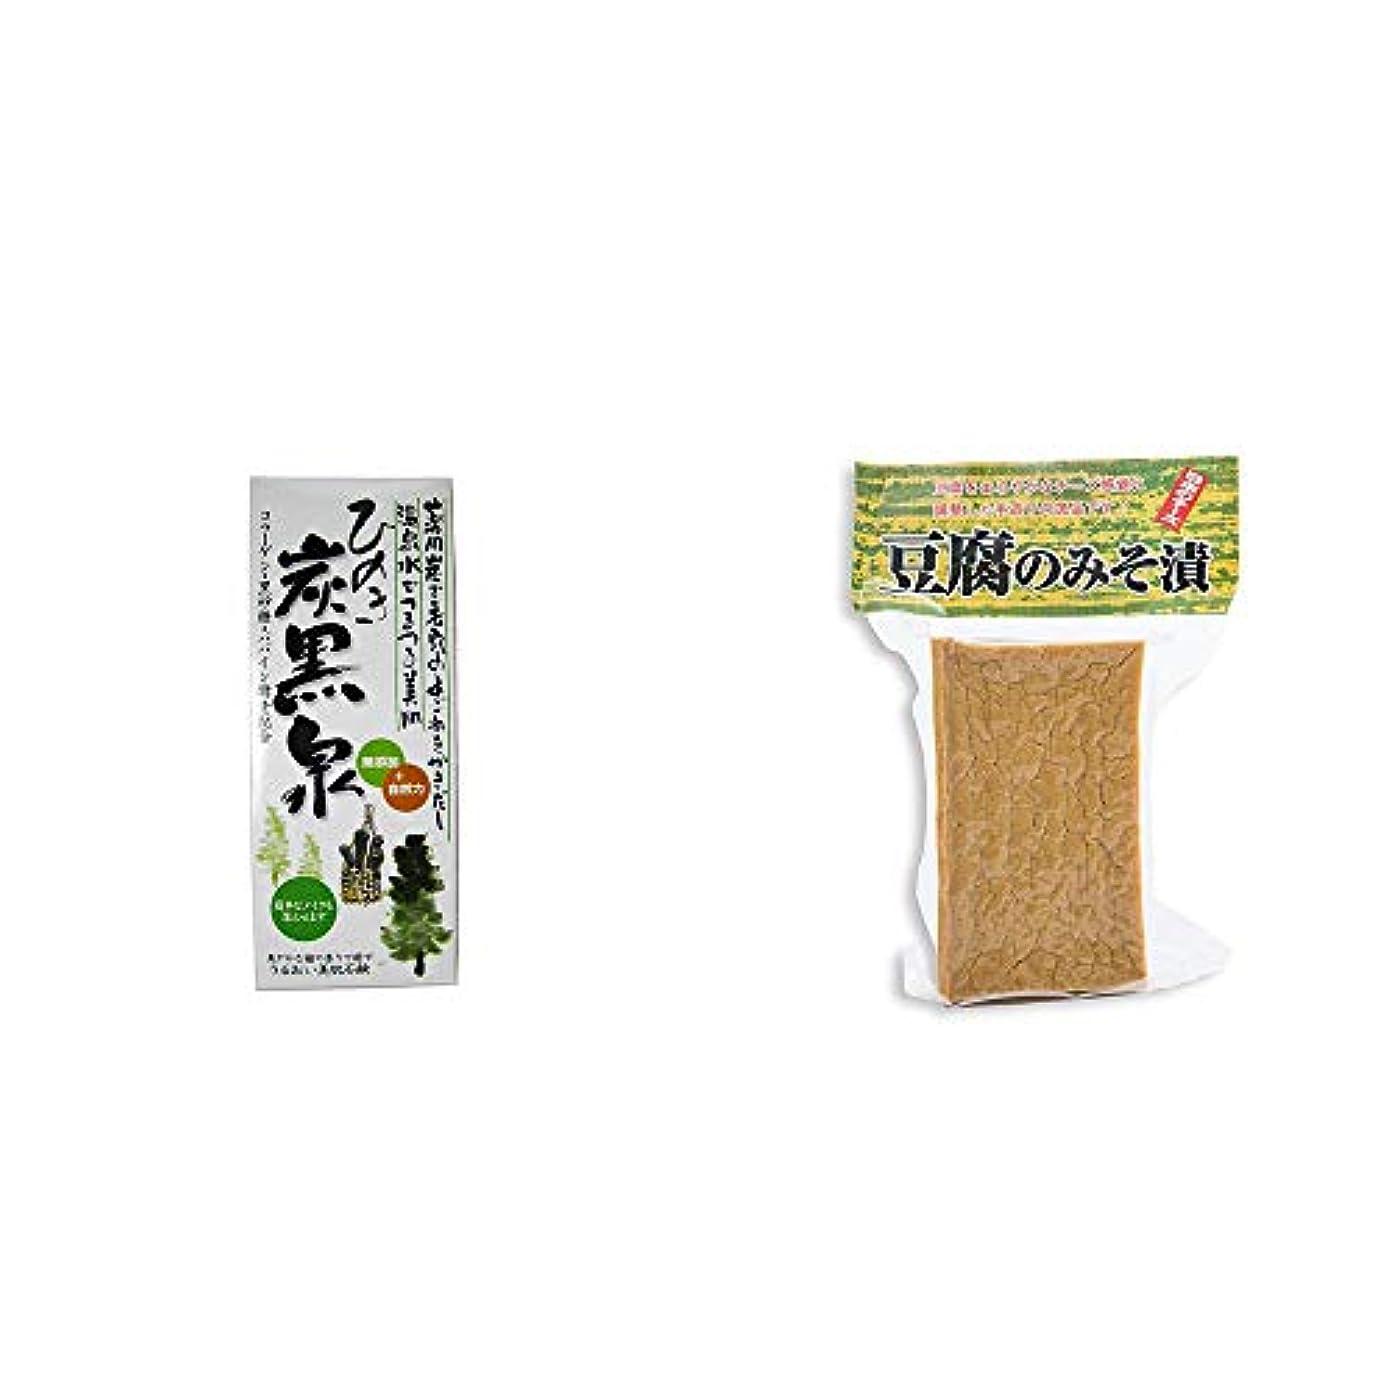 ソロマーケティングプレビスサイト[2点セット] ひのき炭黒泉 箱入り(75g×3)?日本のチーズ 豆腐のみそ漬(1個入)